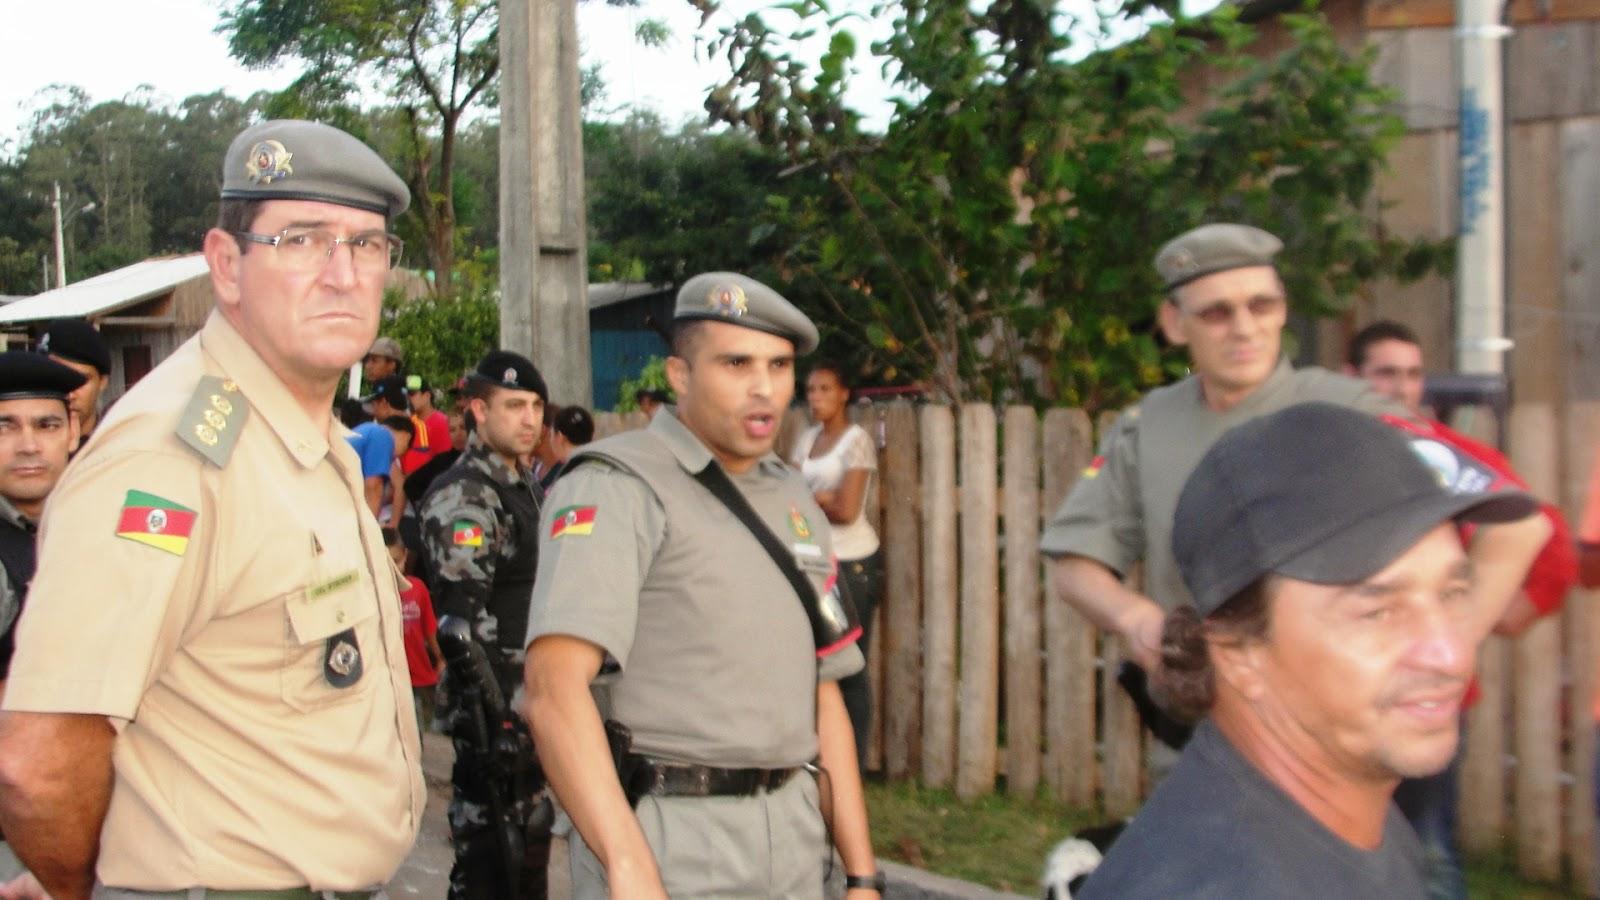 Fotos: Sgt Amaro